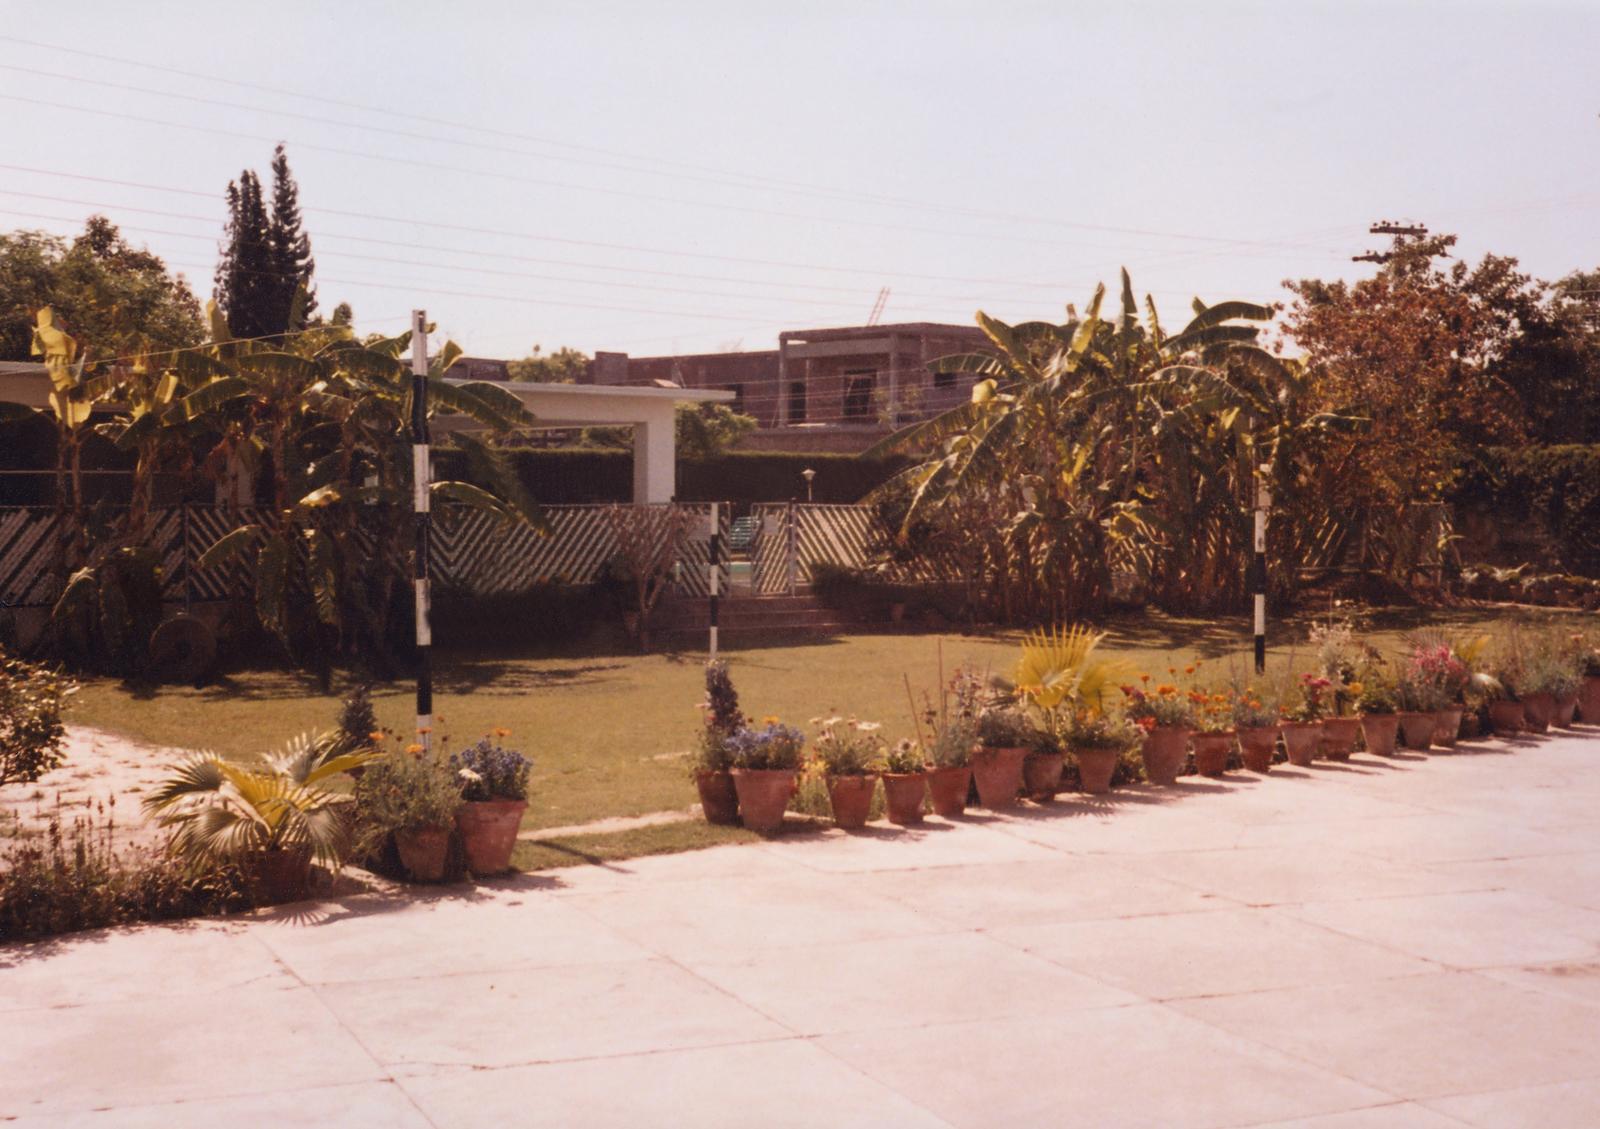 Lahore - Multi-Unit Residential Building - 1983